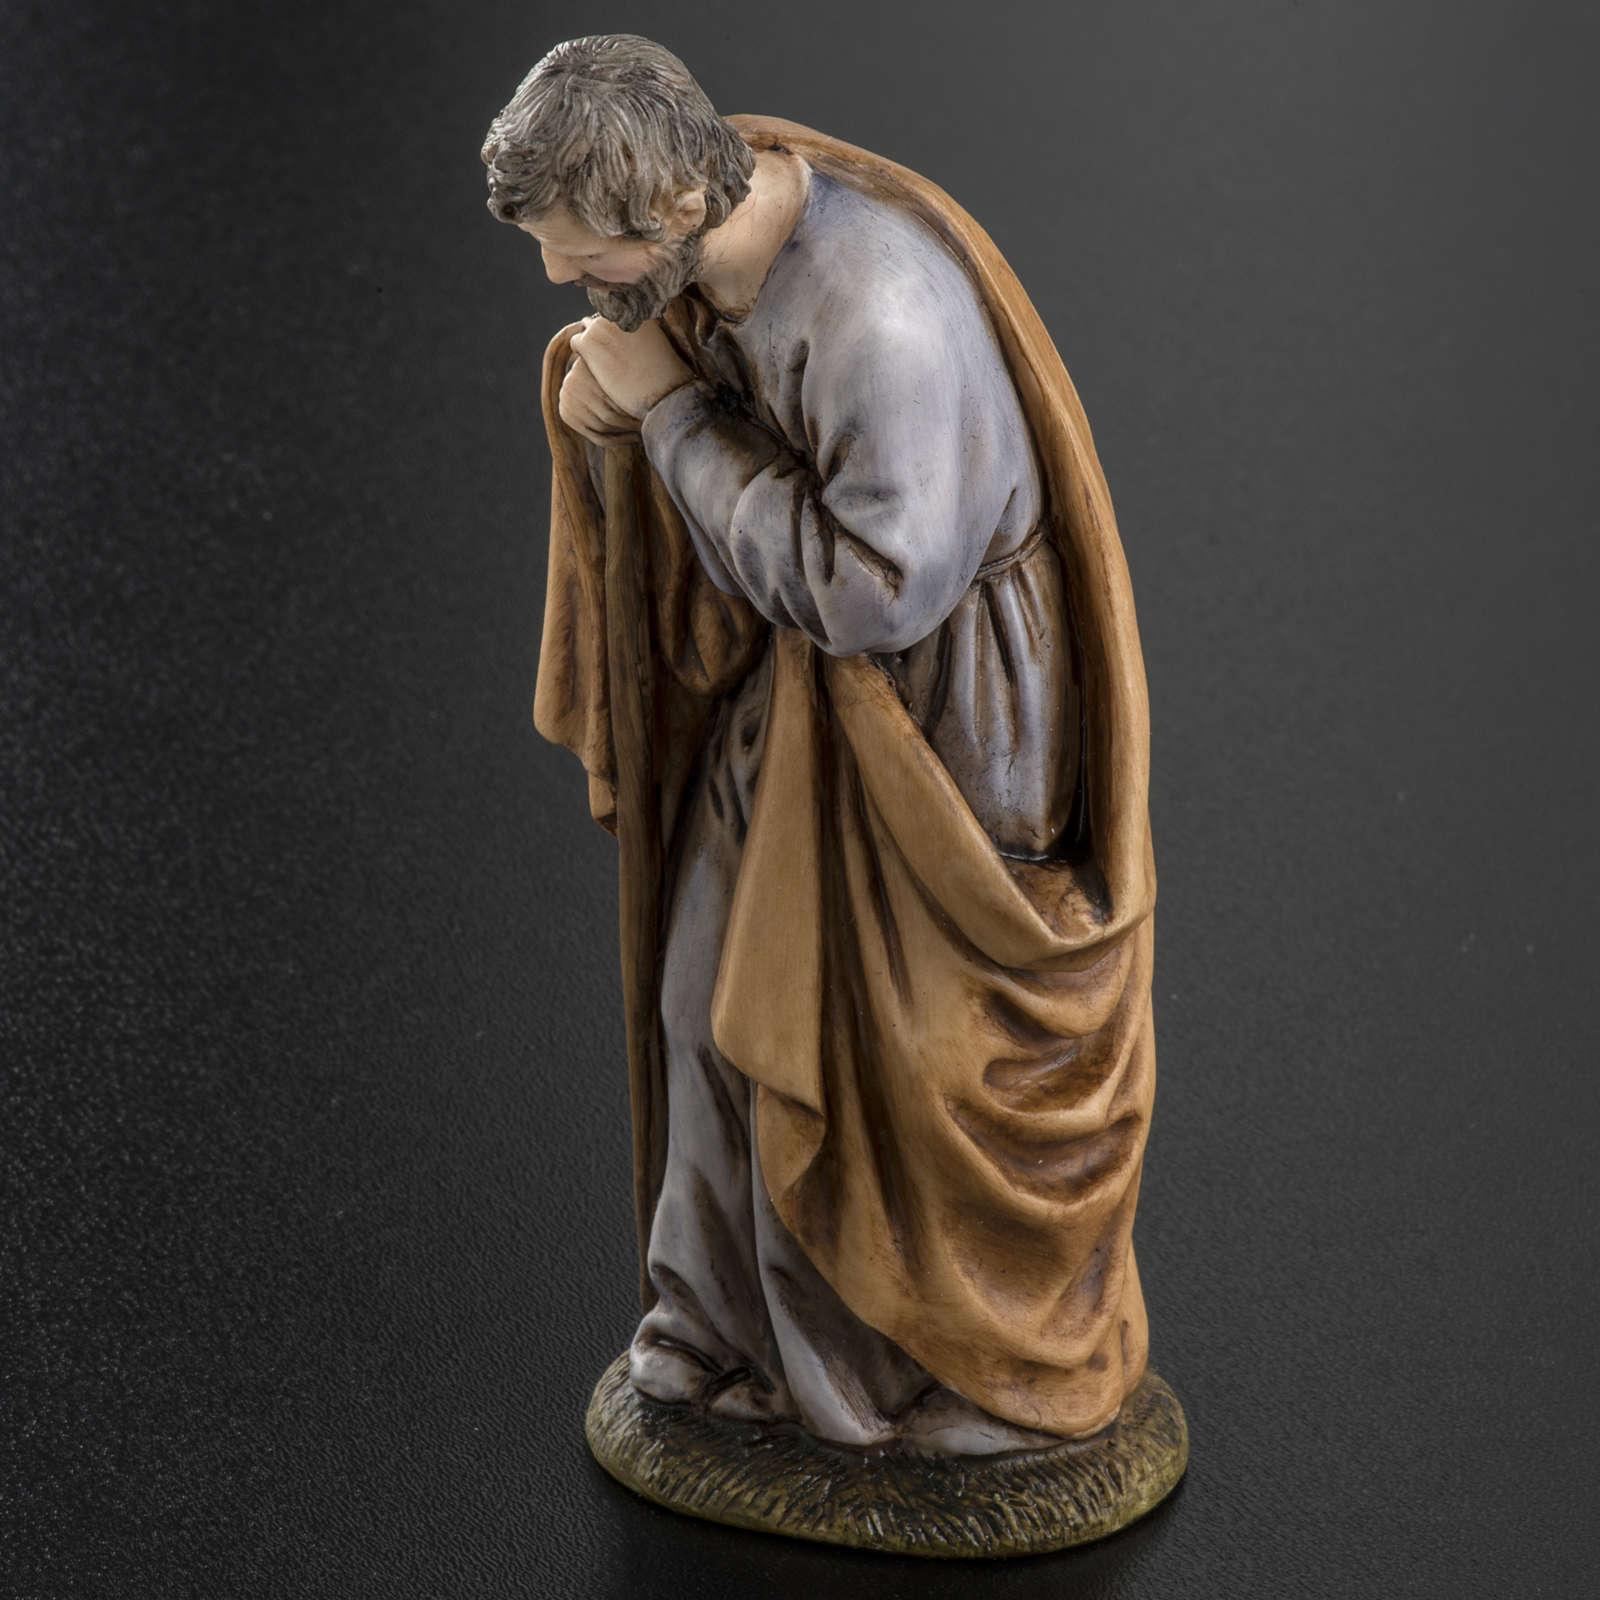 Sagrada Familia 11 cm, Landi 3